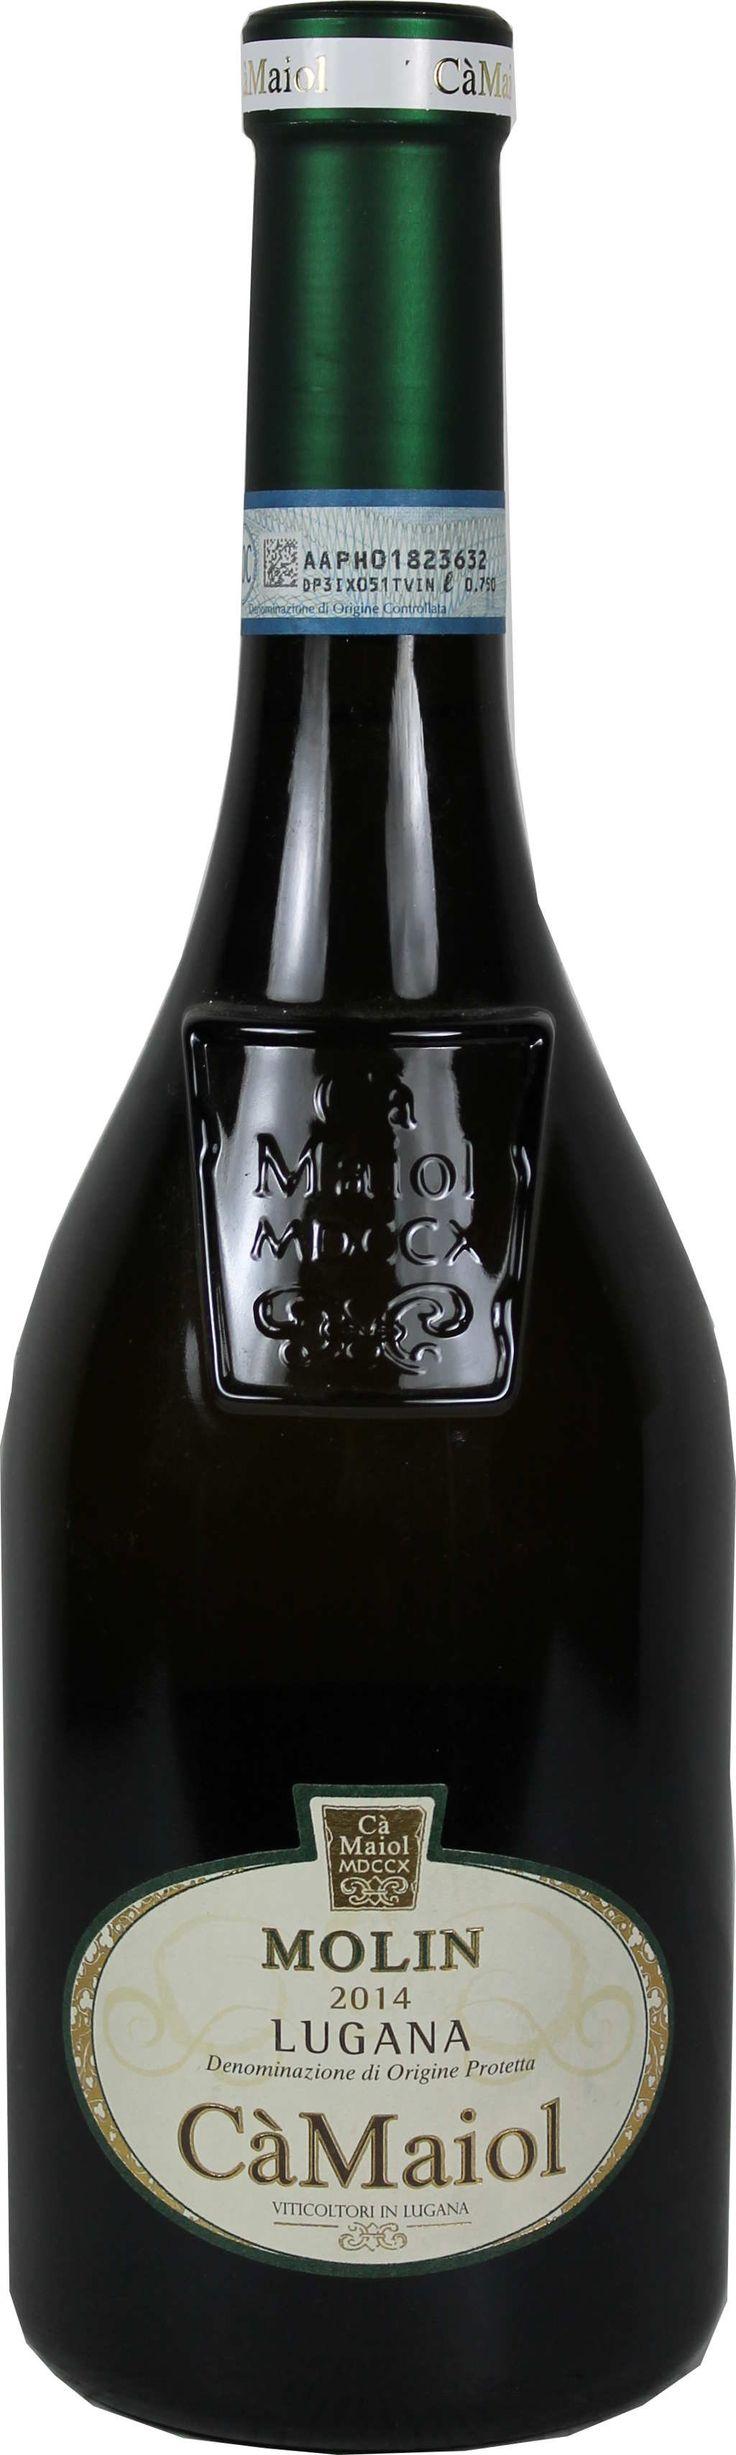 Wein von Cà Maiol in der 0,75l Flasche mit 13% Vol. Alc.